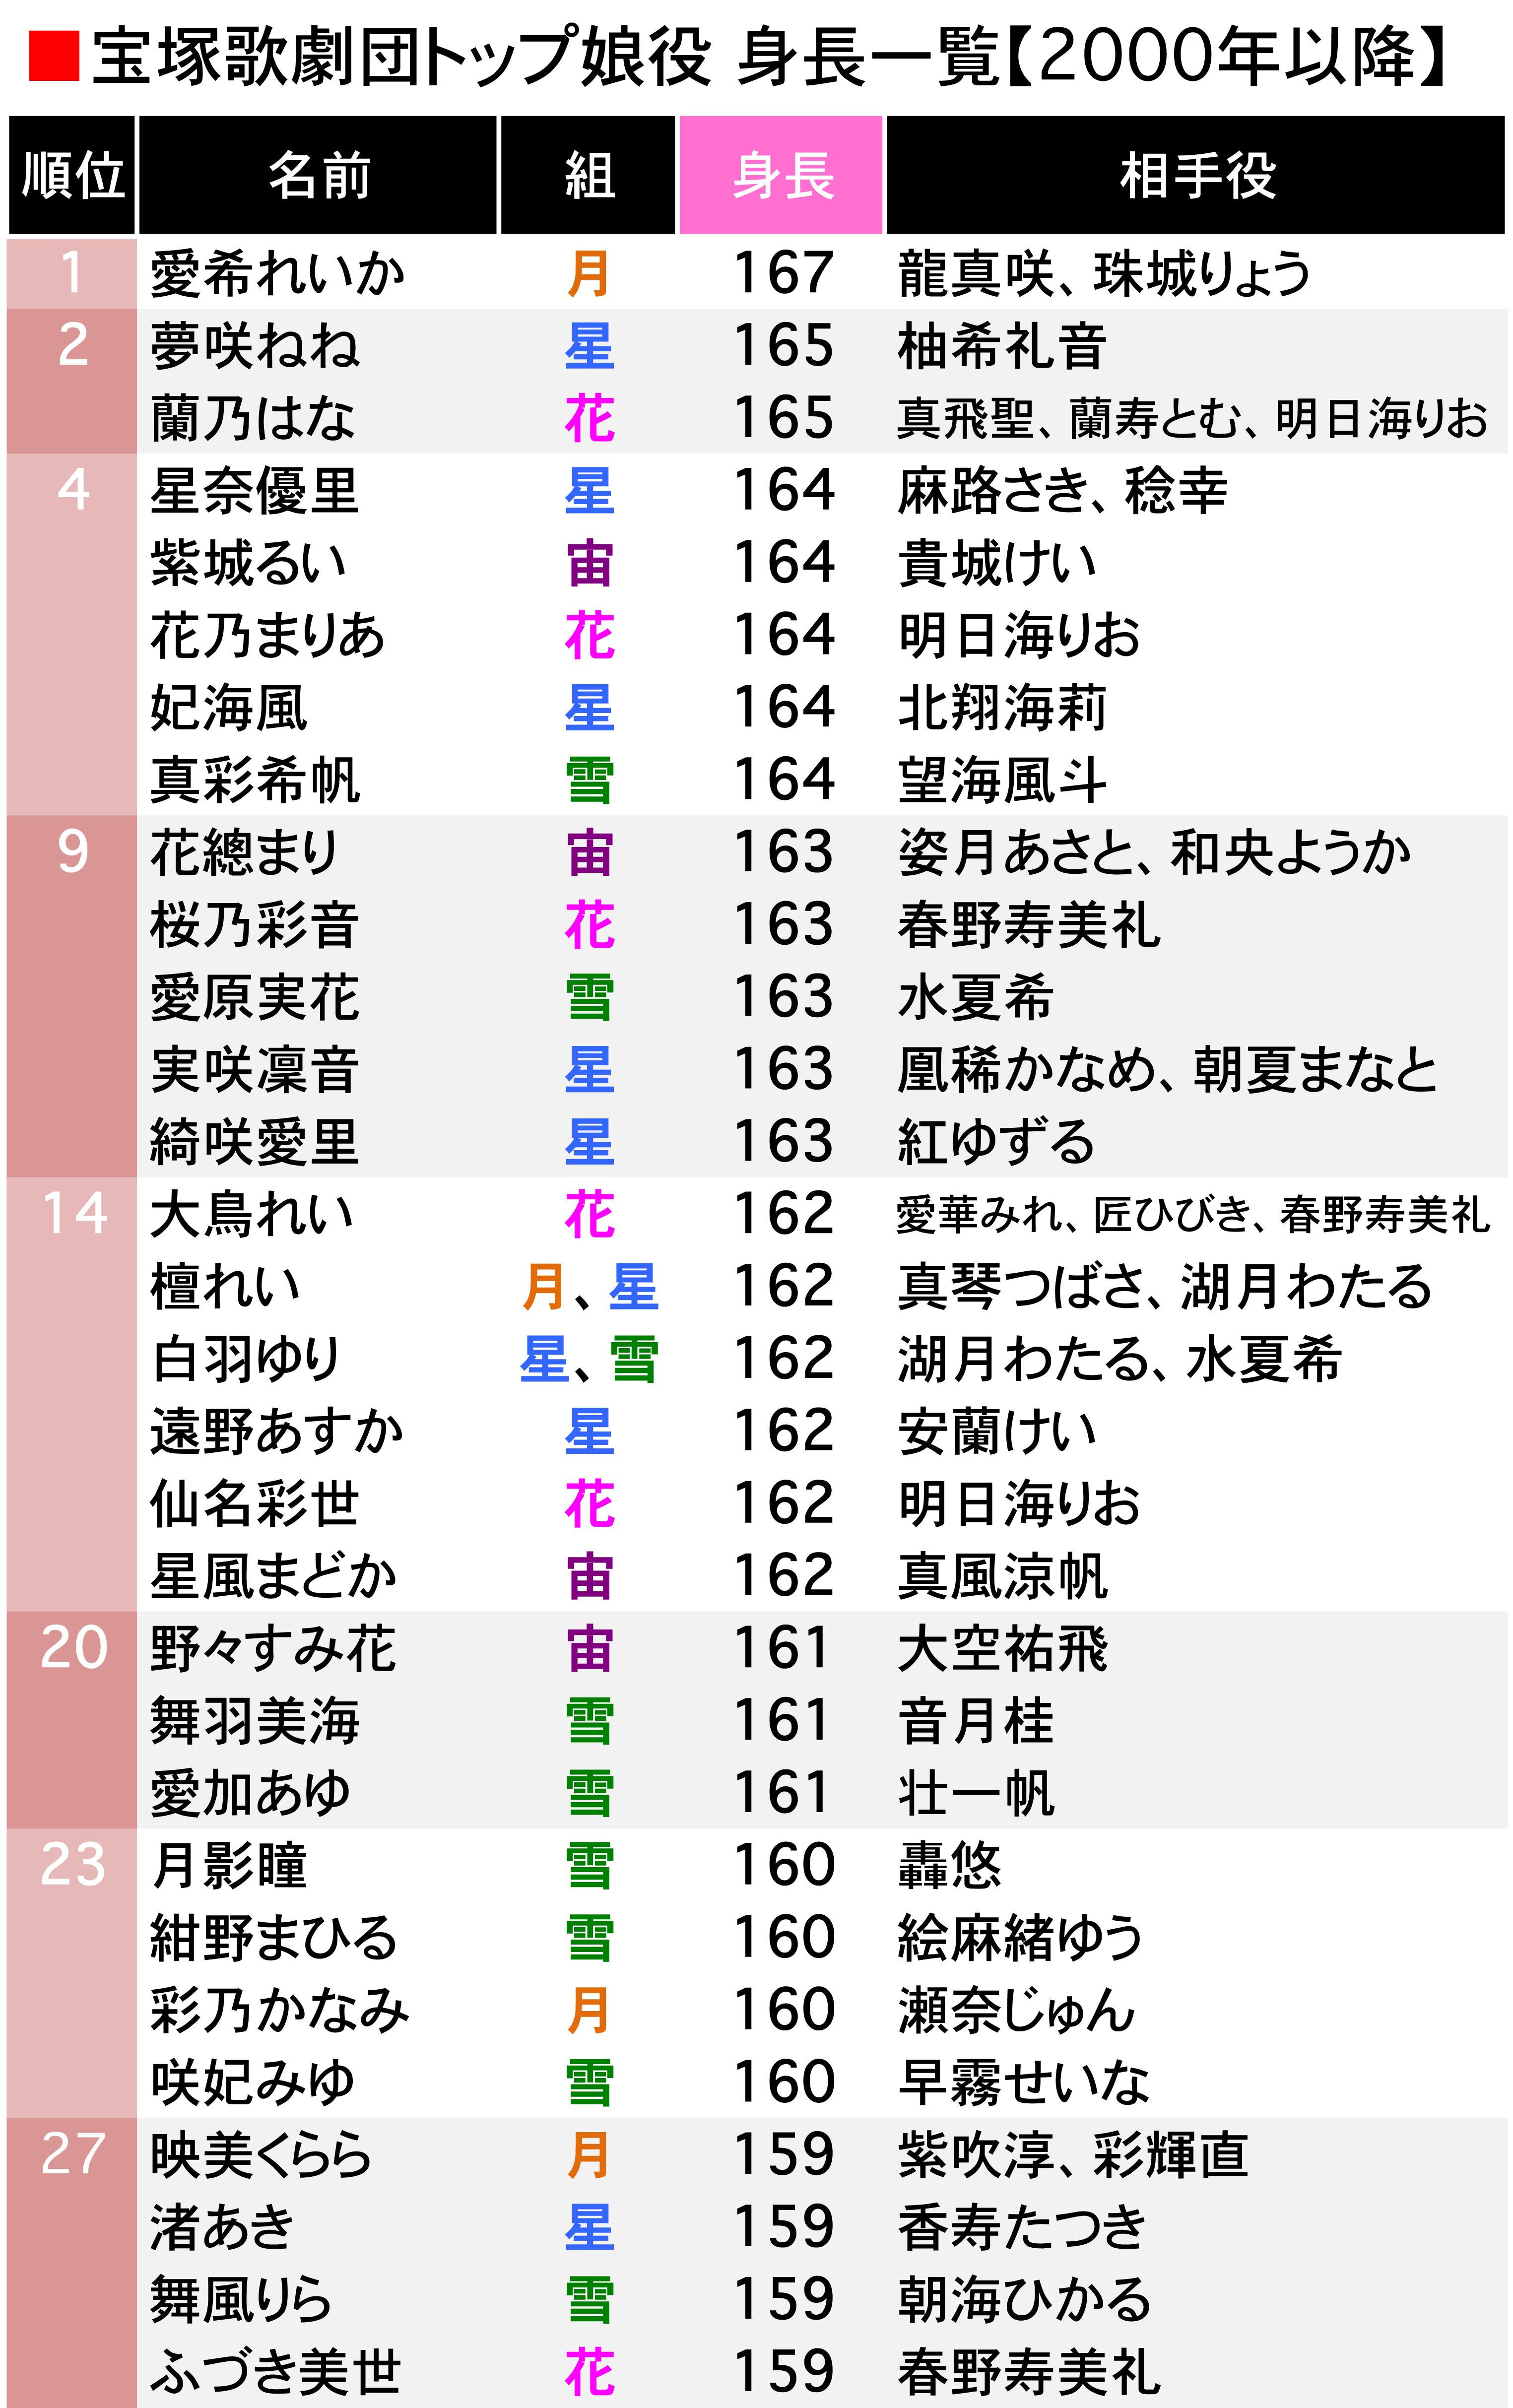 トップ 宝塚 歴代